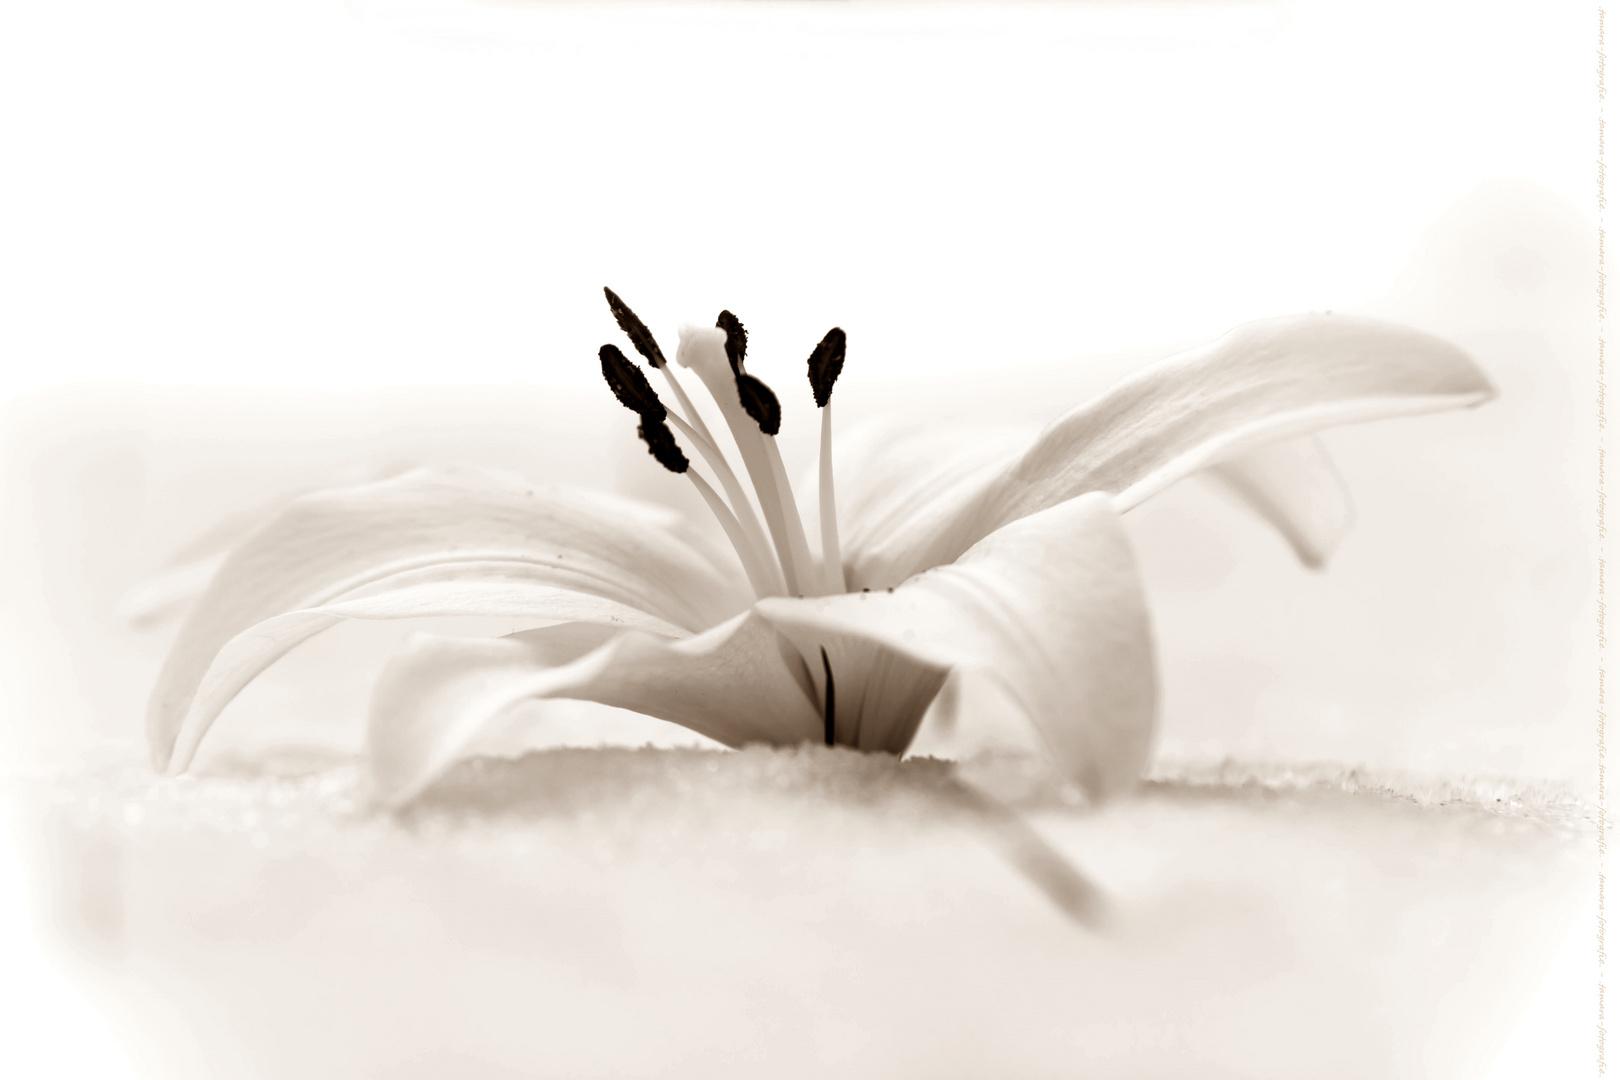 blumen im schnee foto bild kalt winter natur bilder. Black Bedroom Furniture Sets. Home Design Ideas